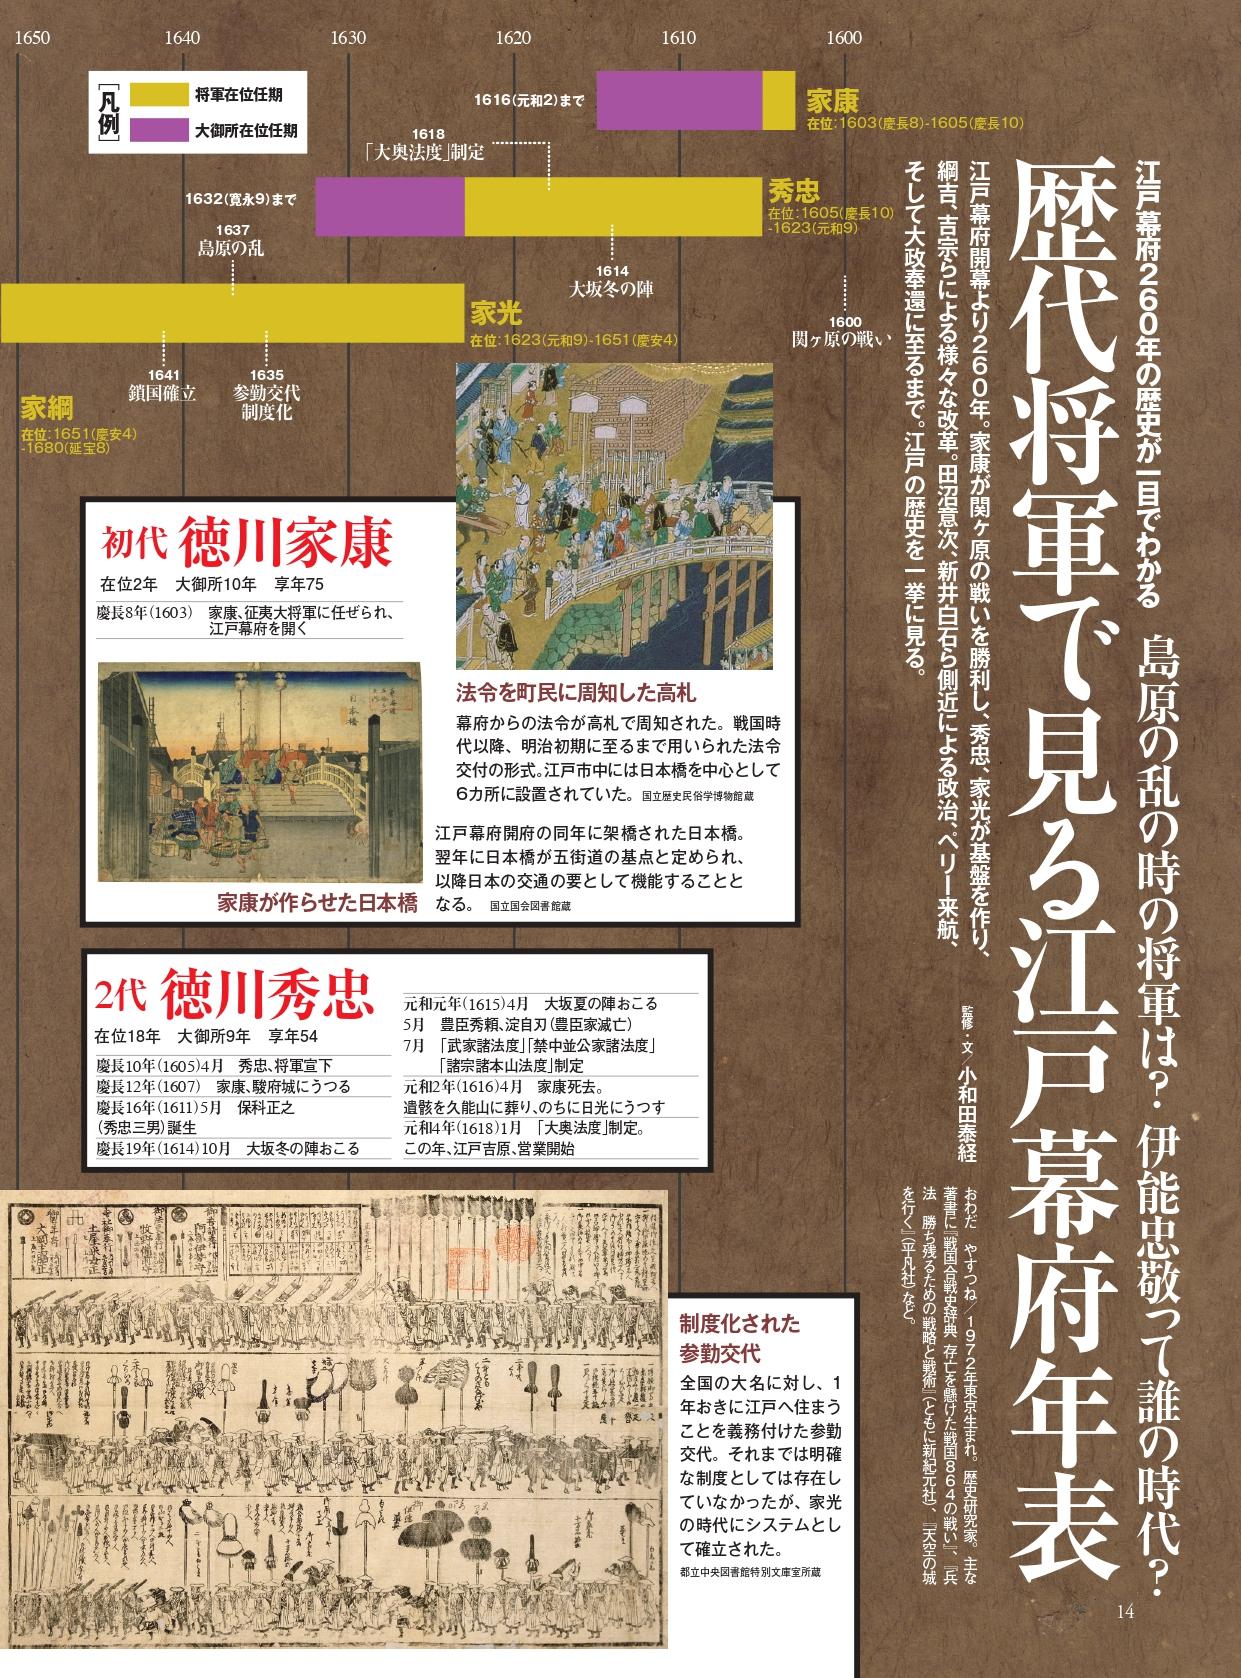 [保存版特集]天下泰平260年の幕藩体制を支えた『徳川将軍15代の真実』の目次画像2